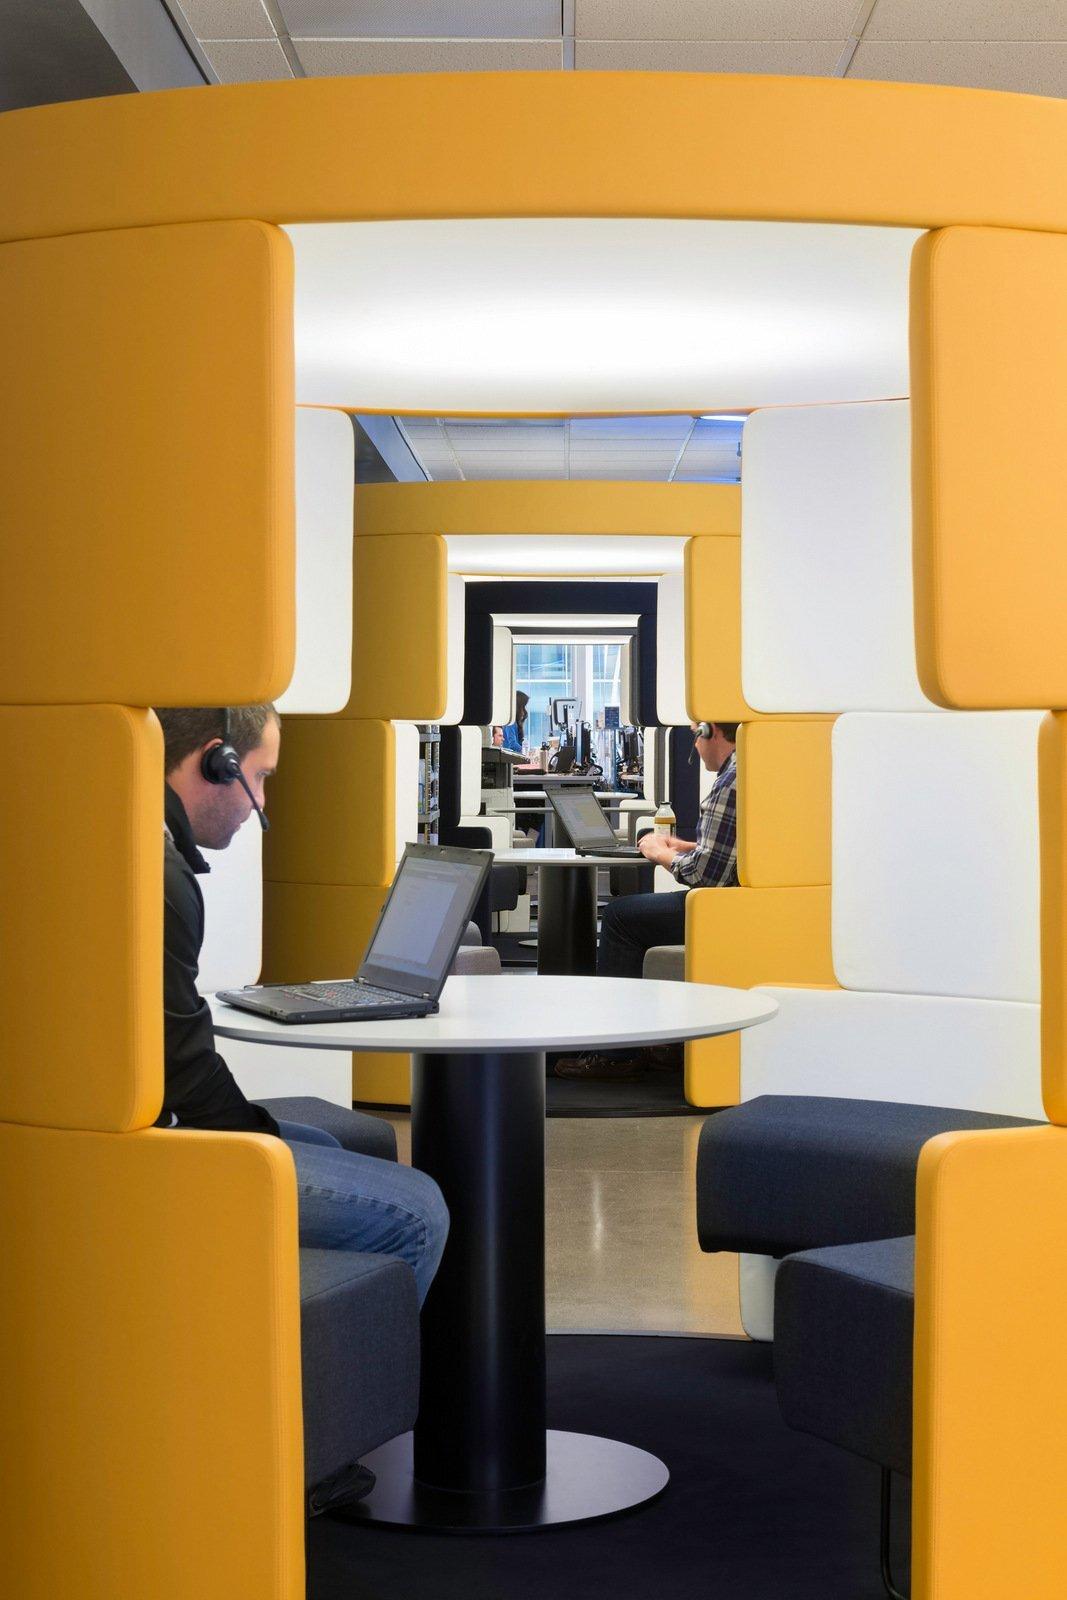 打造一个绿色环保的办公室装修环境